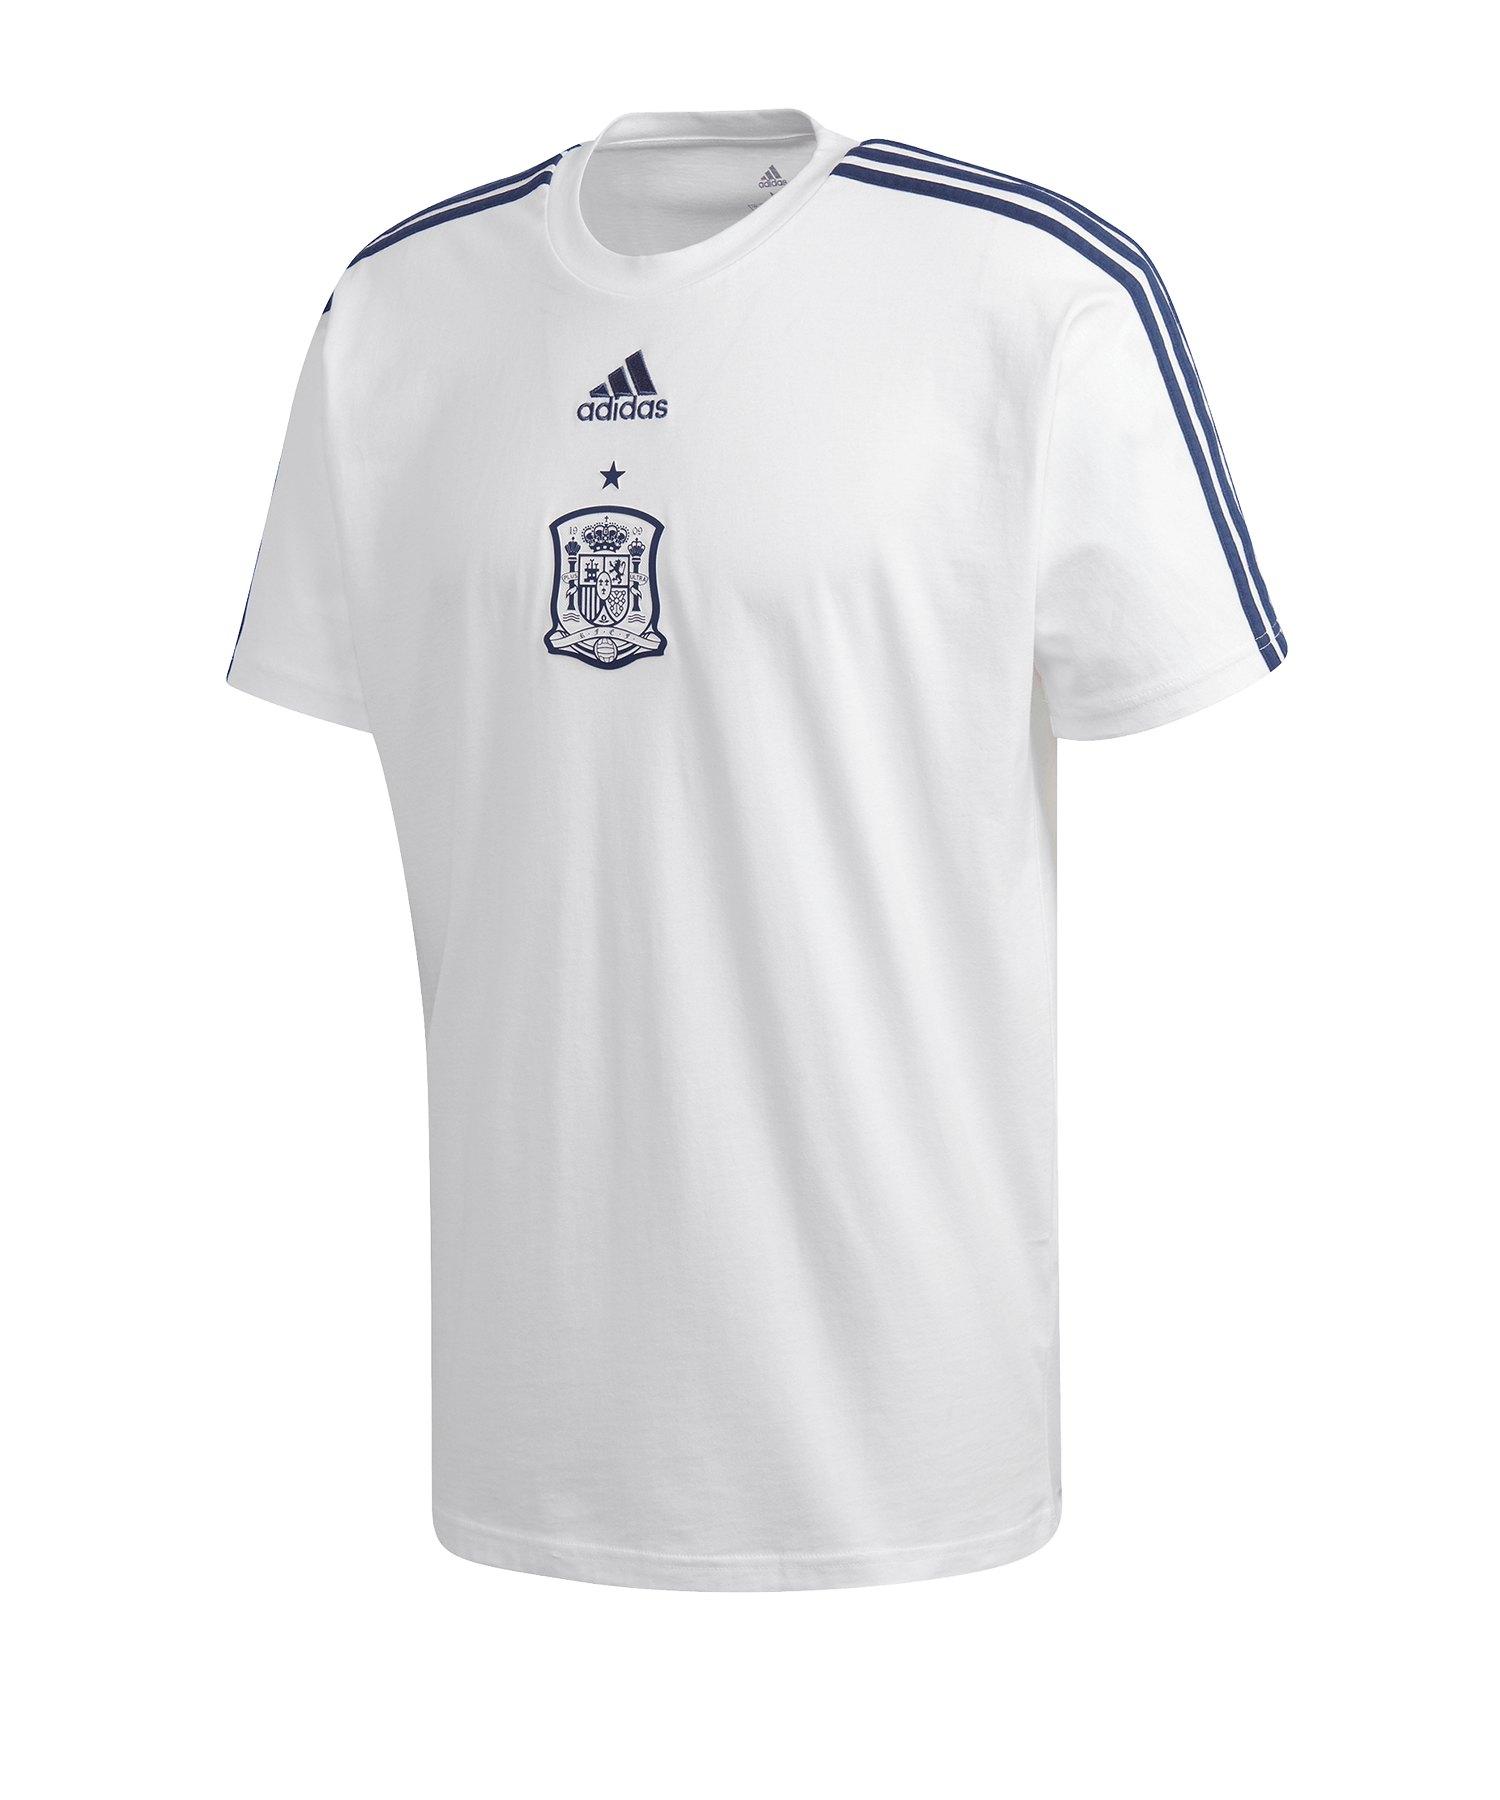 adidas Spanien T-Shirt Weiss - weiss